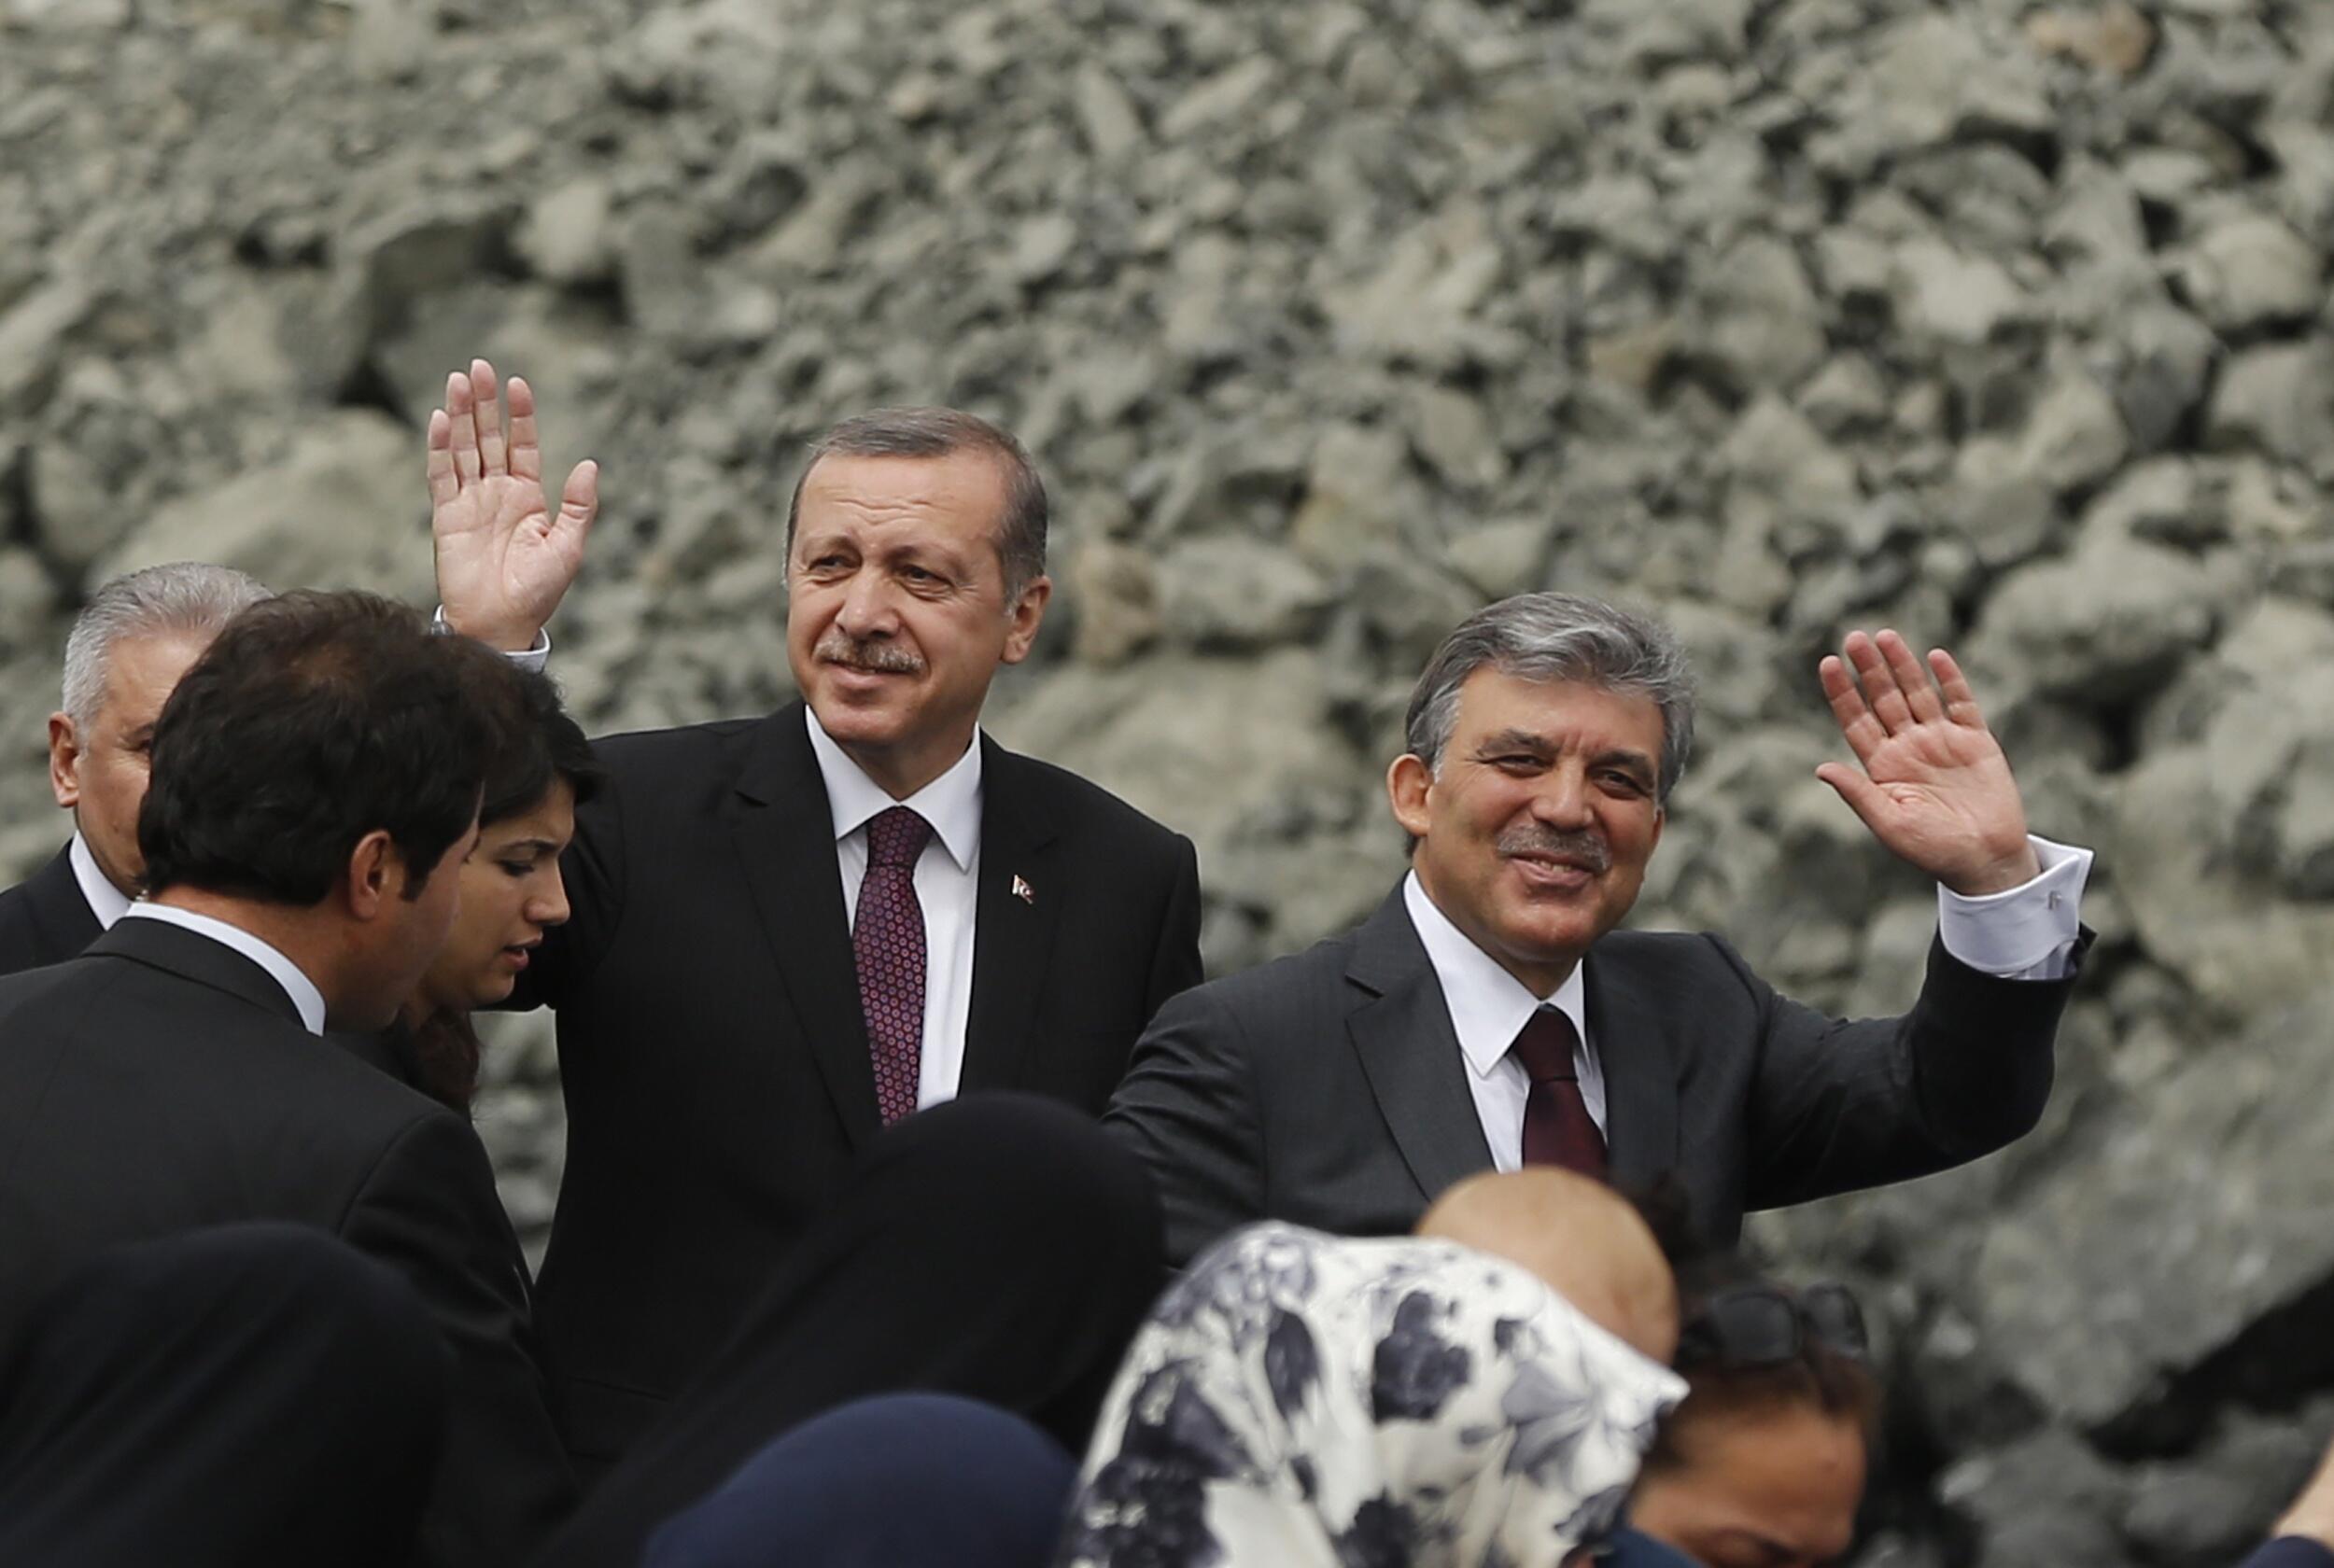 en fazla takipçiye sahip Türk Twitter hesapları Erdoğan